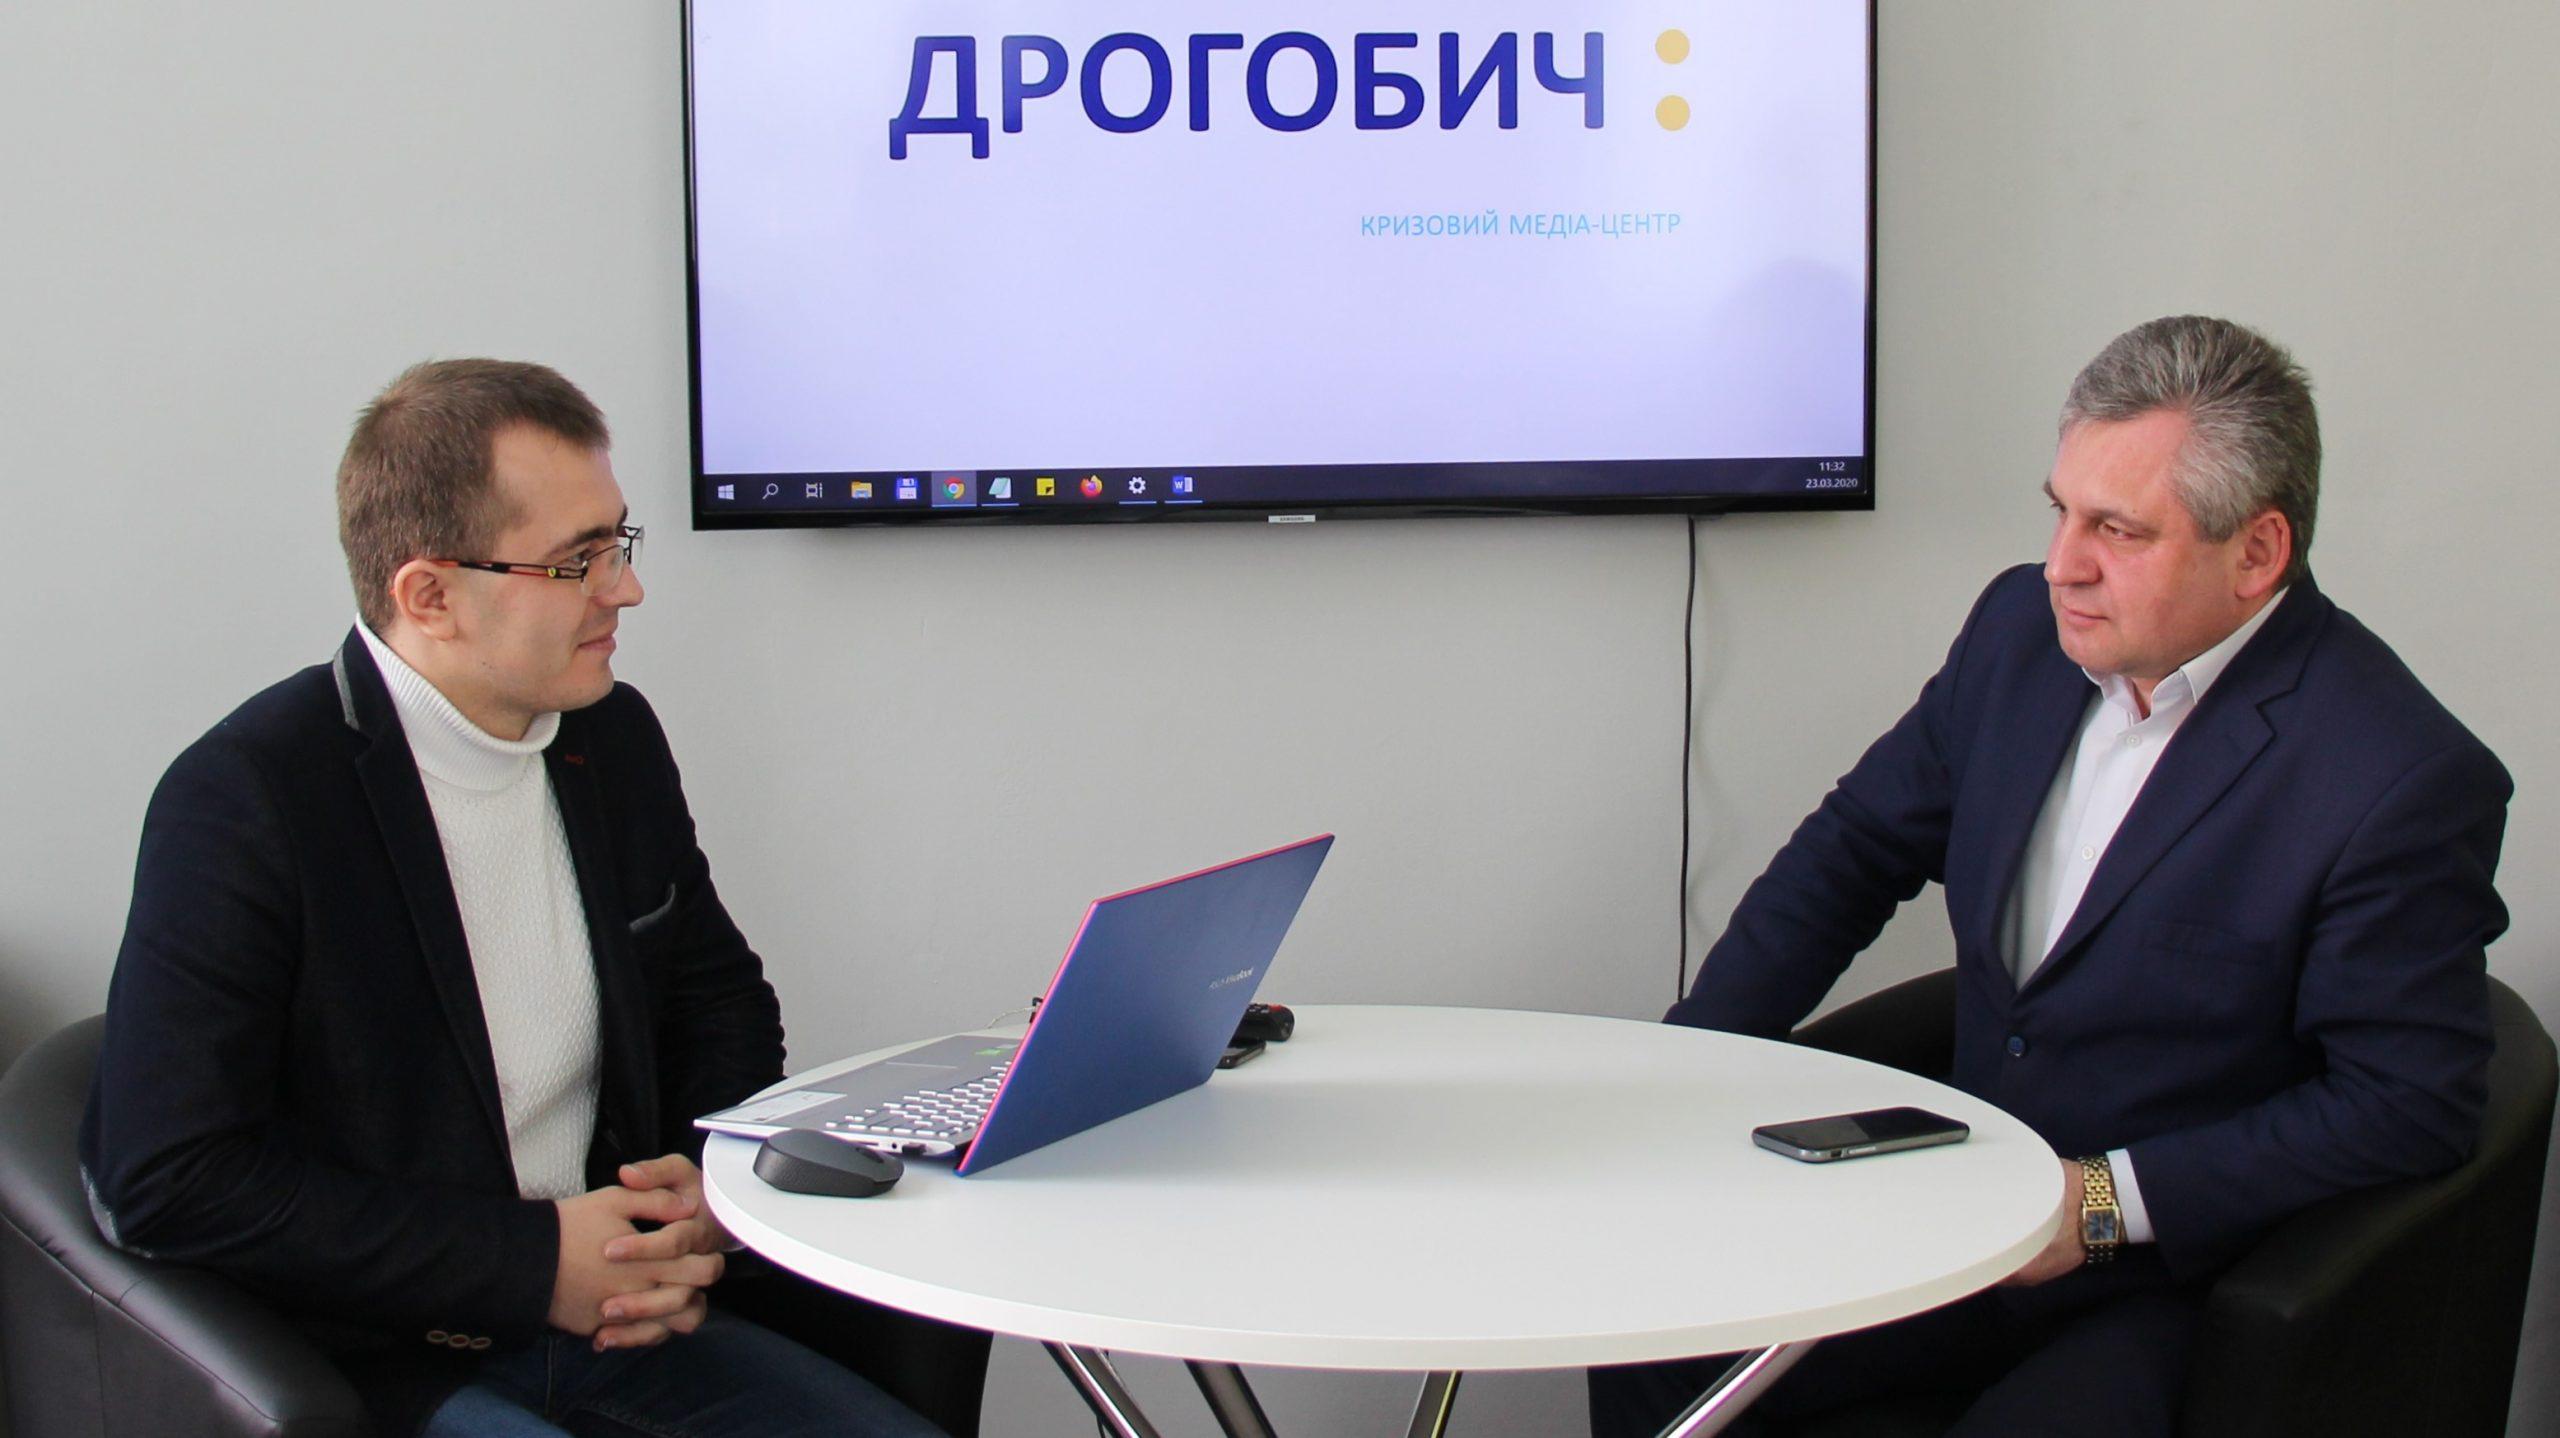 КМЦ «Дрогобич:»: Заходи щодо протидії коронавірусу у Дрогобичі та Стебнику